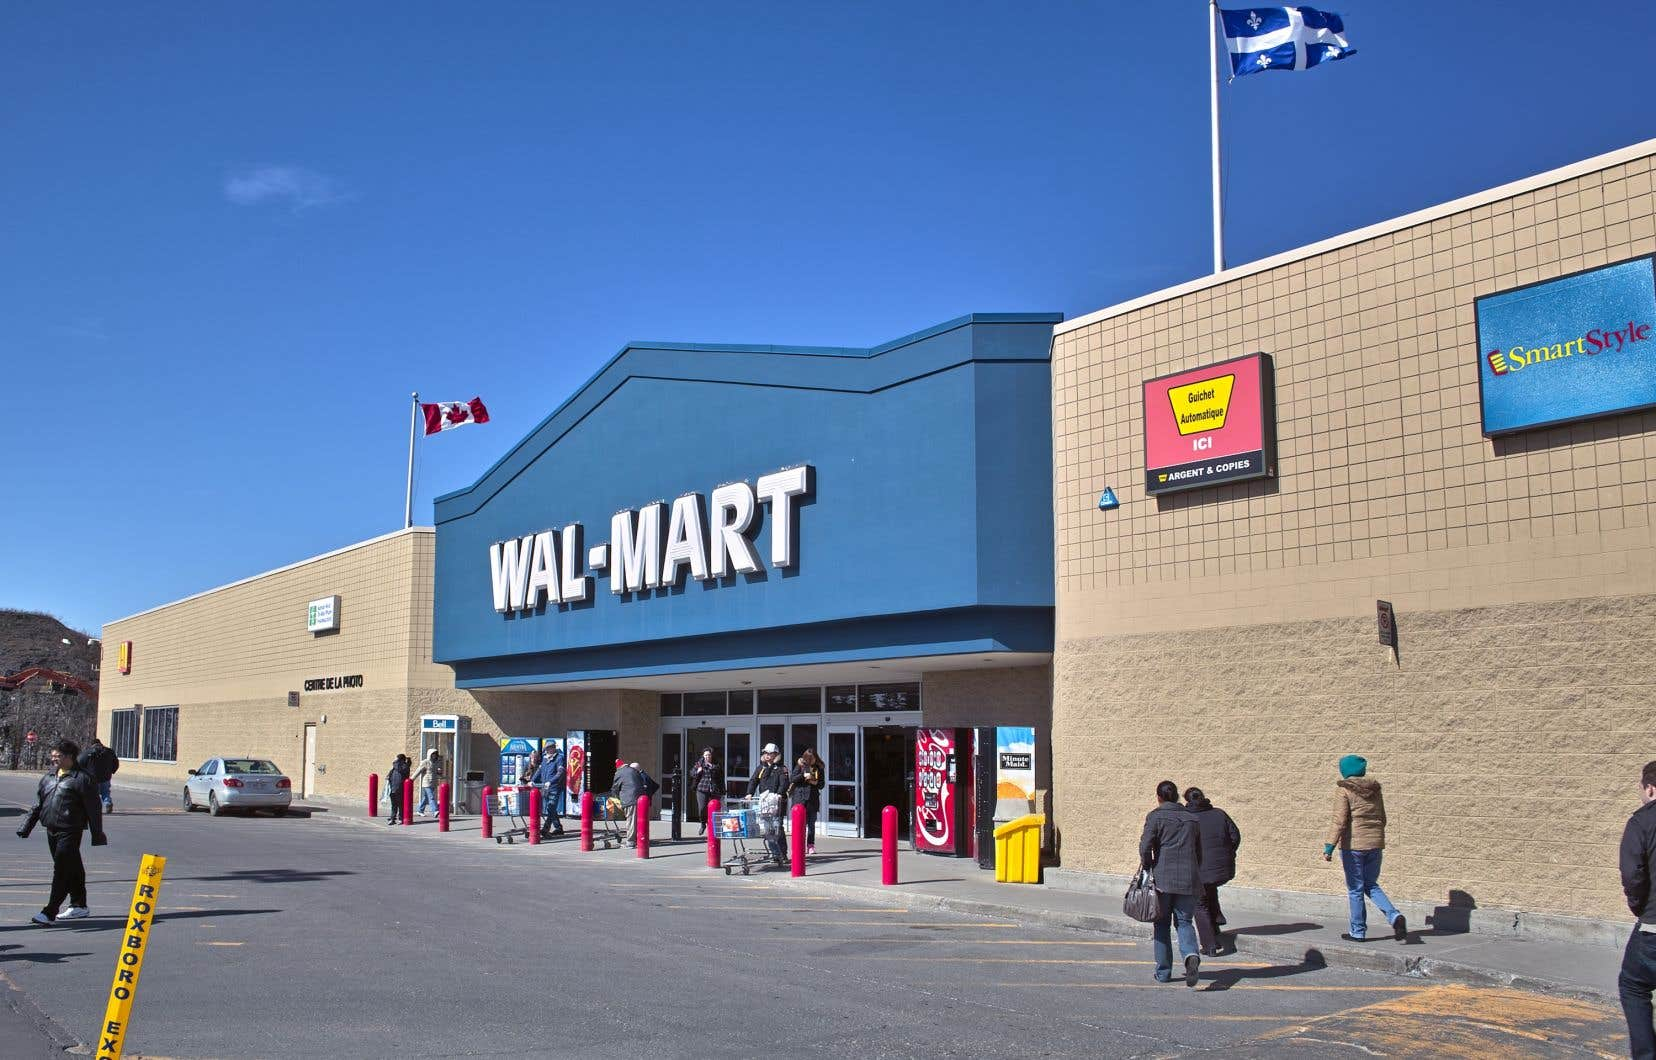 L'affaire Walmart met un peu de lumière sur des histoires comme celles vécues par des personnes handicapées embauchées au rabais, puis limogées du jour au lendemain, déplore l'auteure.